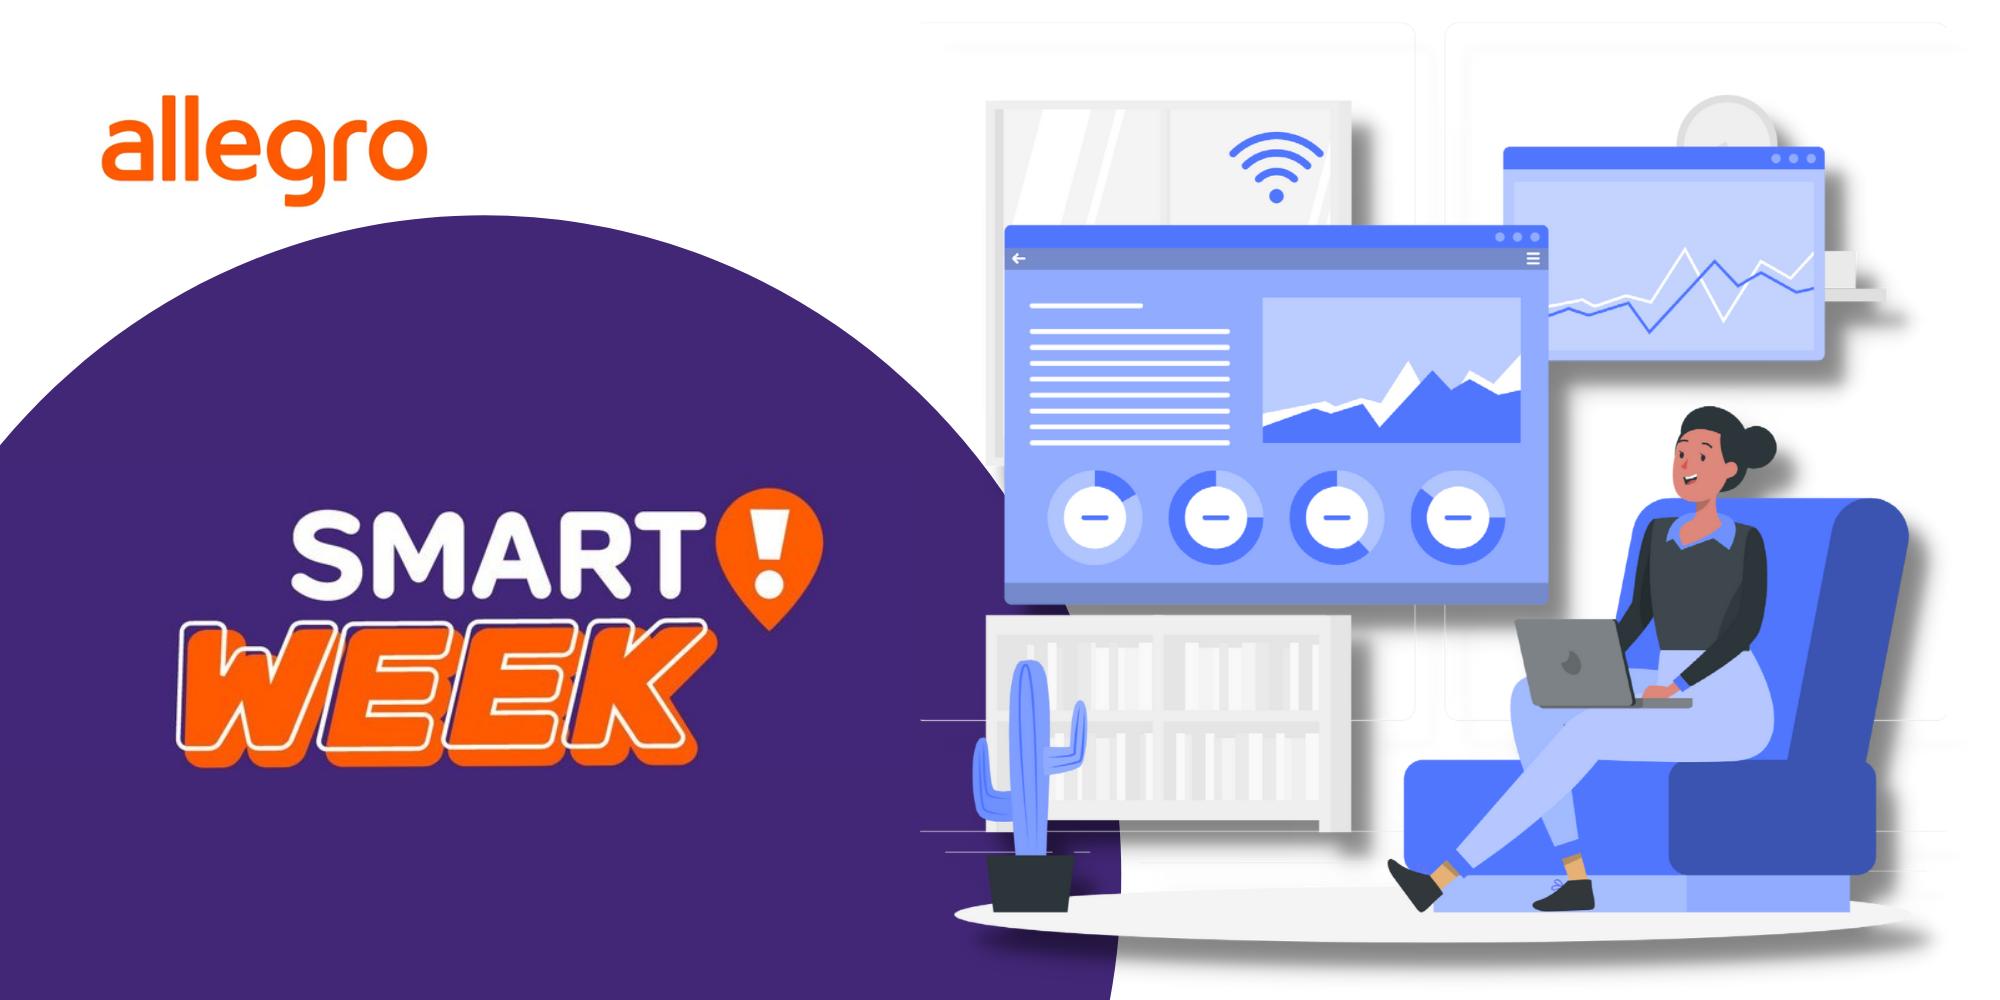 Allegro Smart! Week - Blog